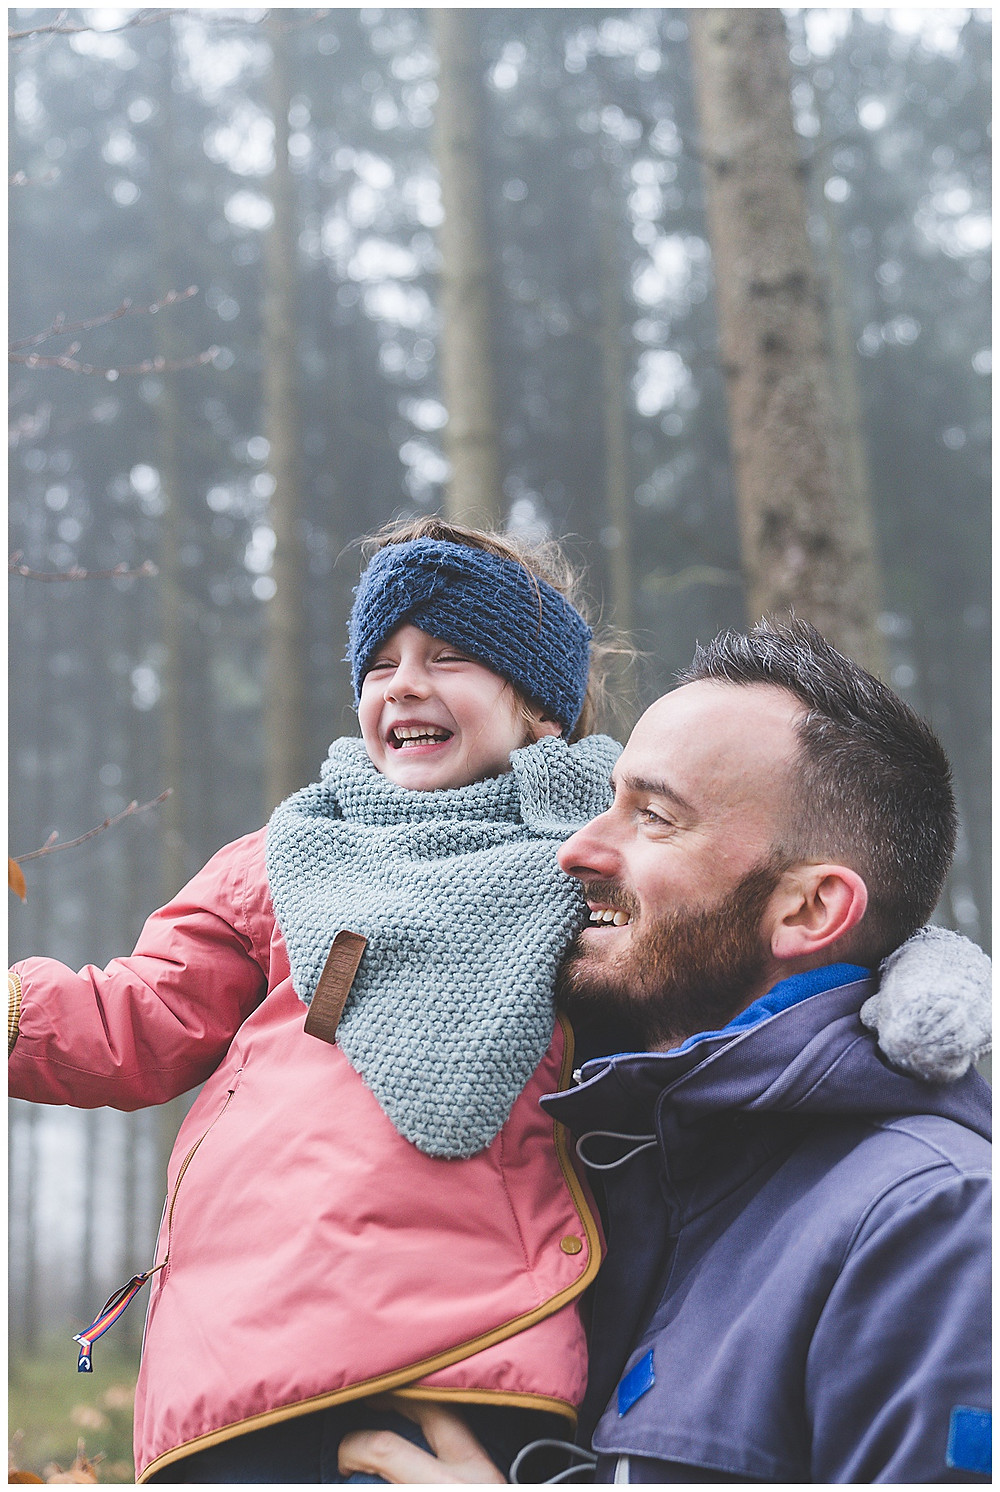 Tochter lacht auf Papas arm